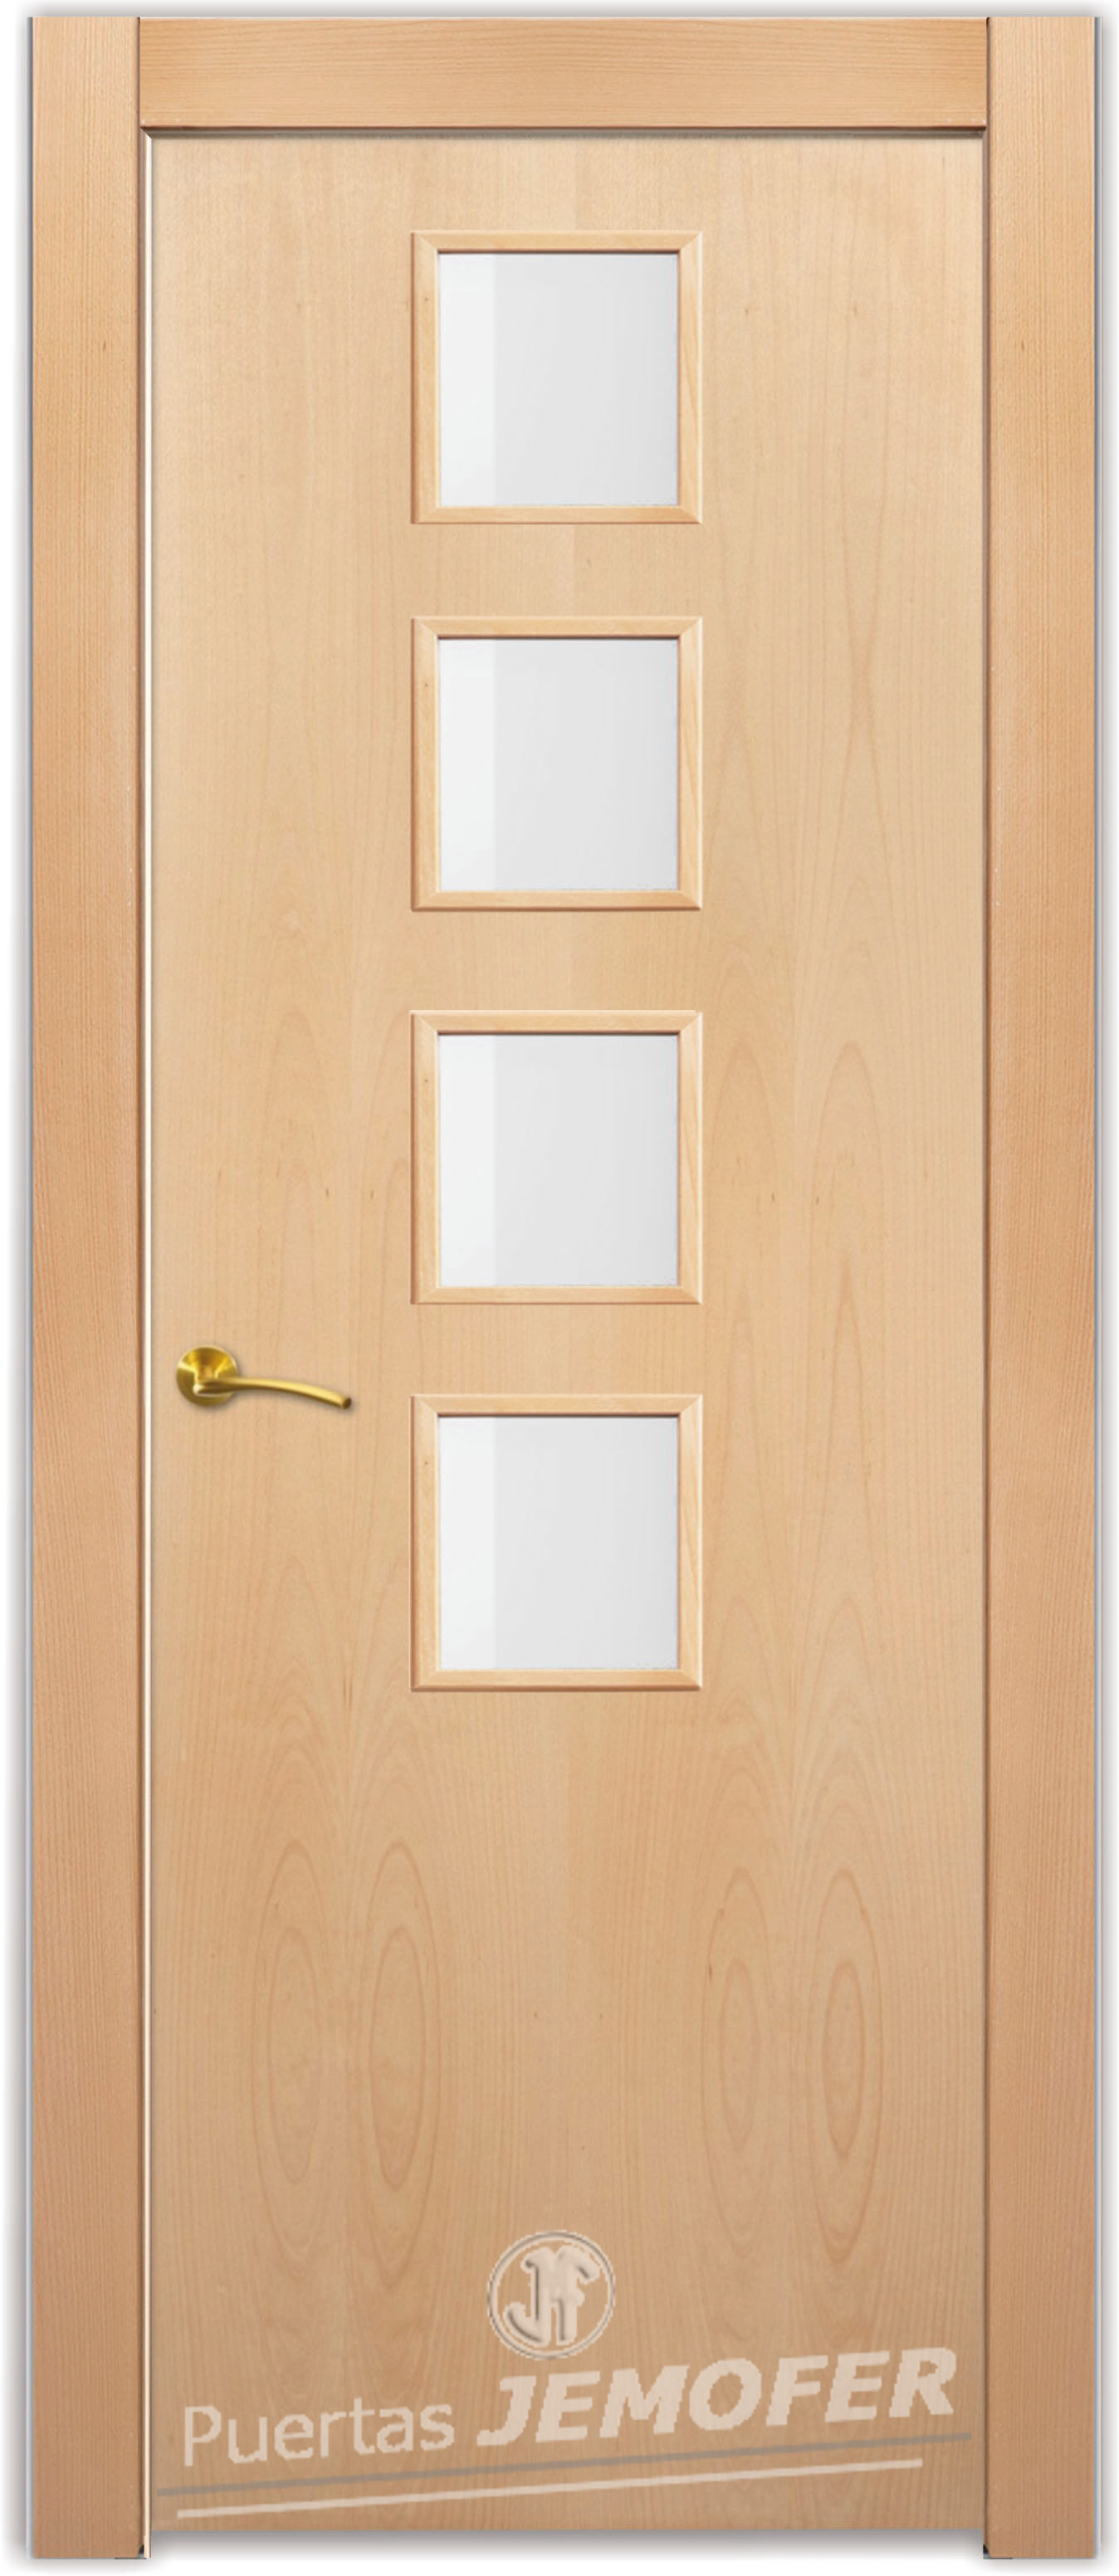 Puerta interior moderna l1 4vc puertas jemofer - Puertas de interior blancas precios ...